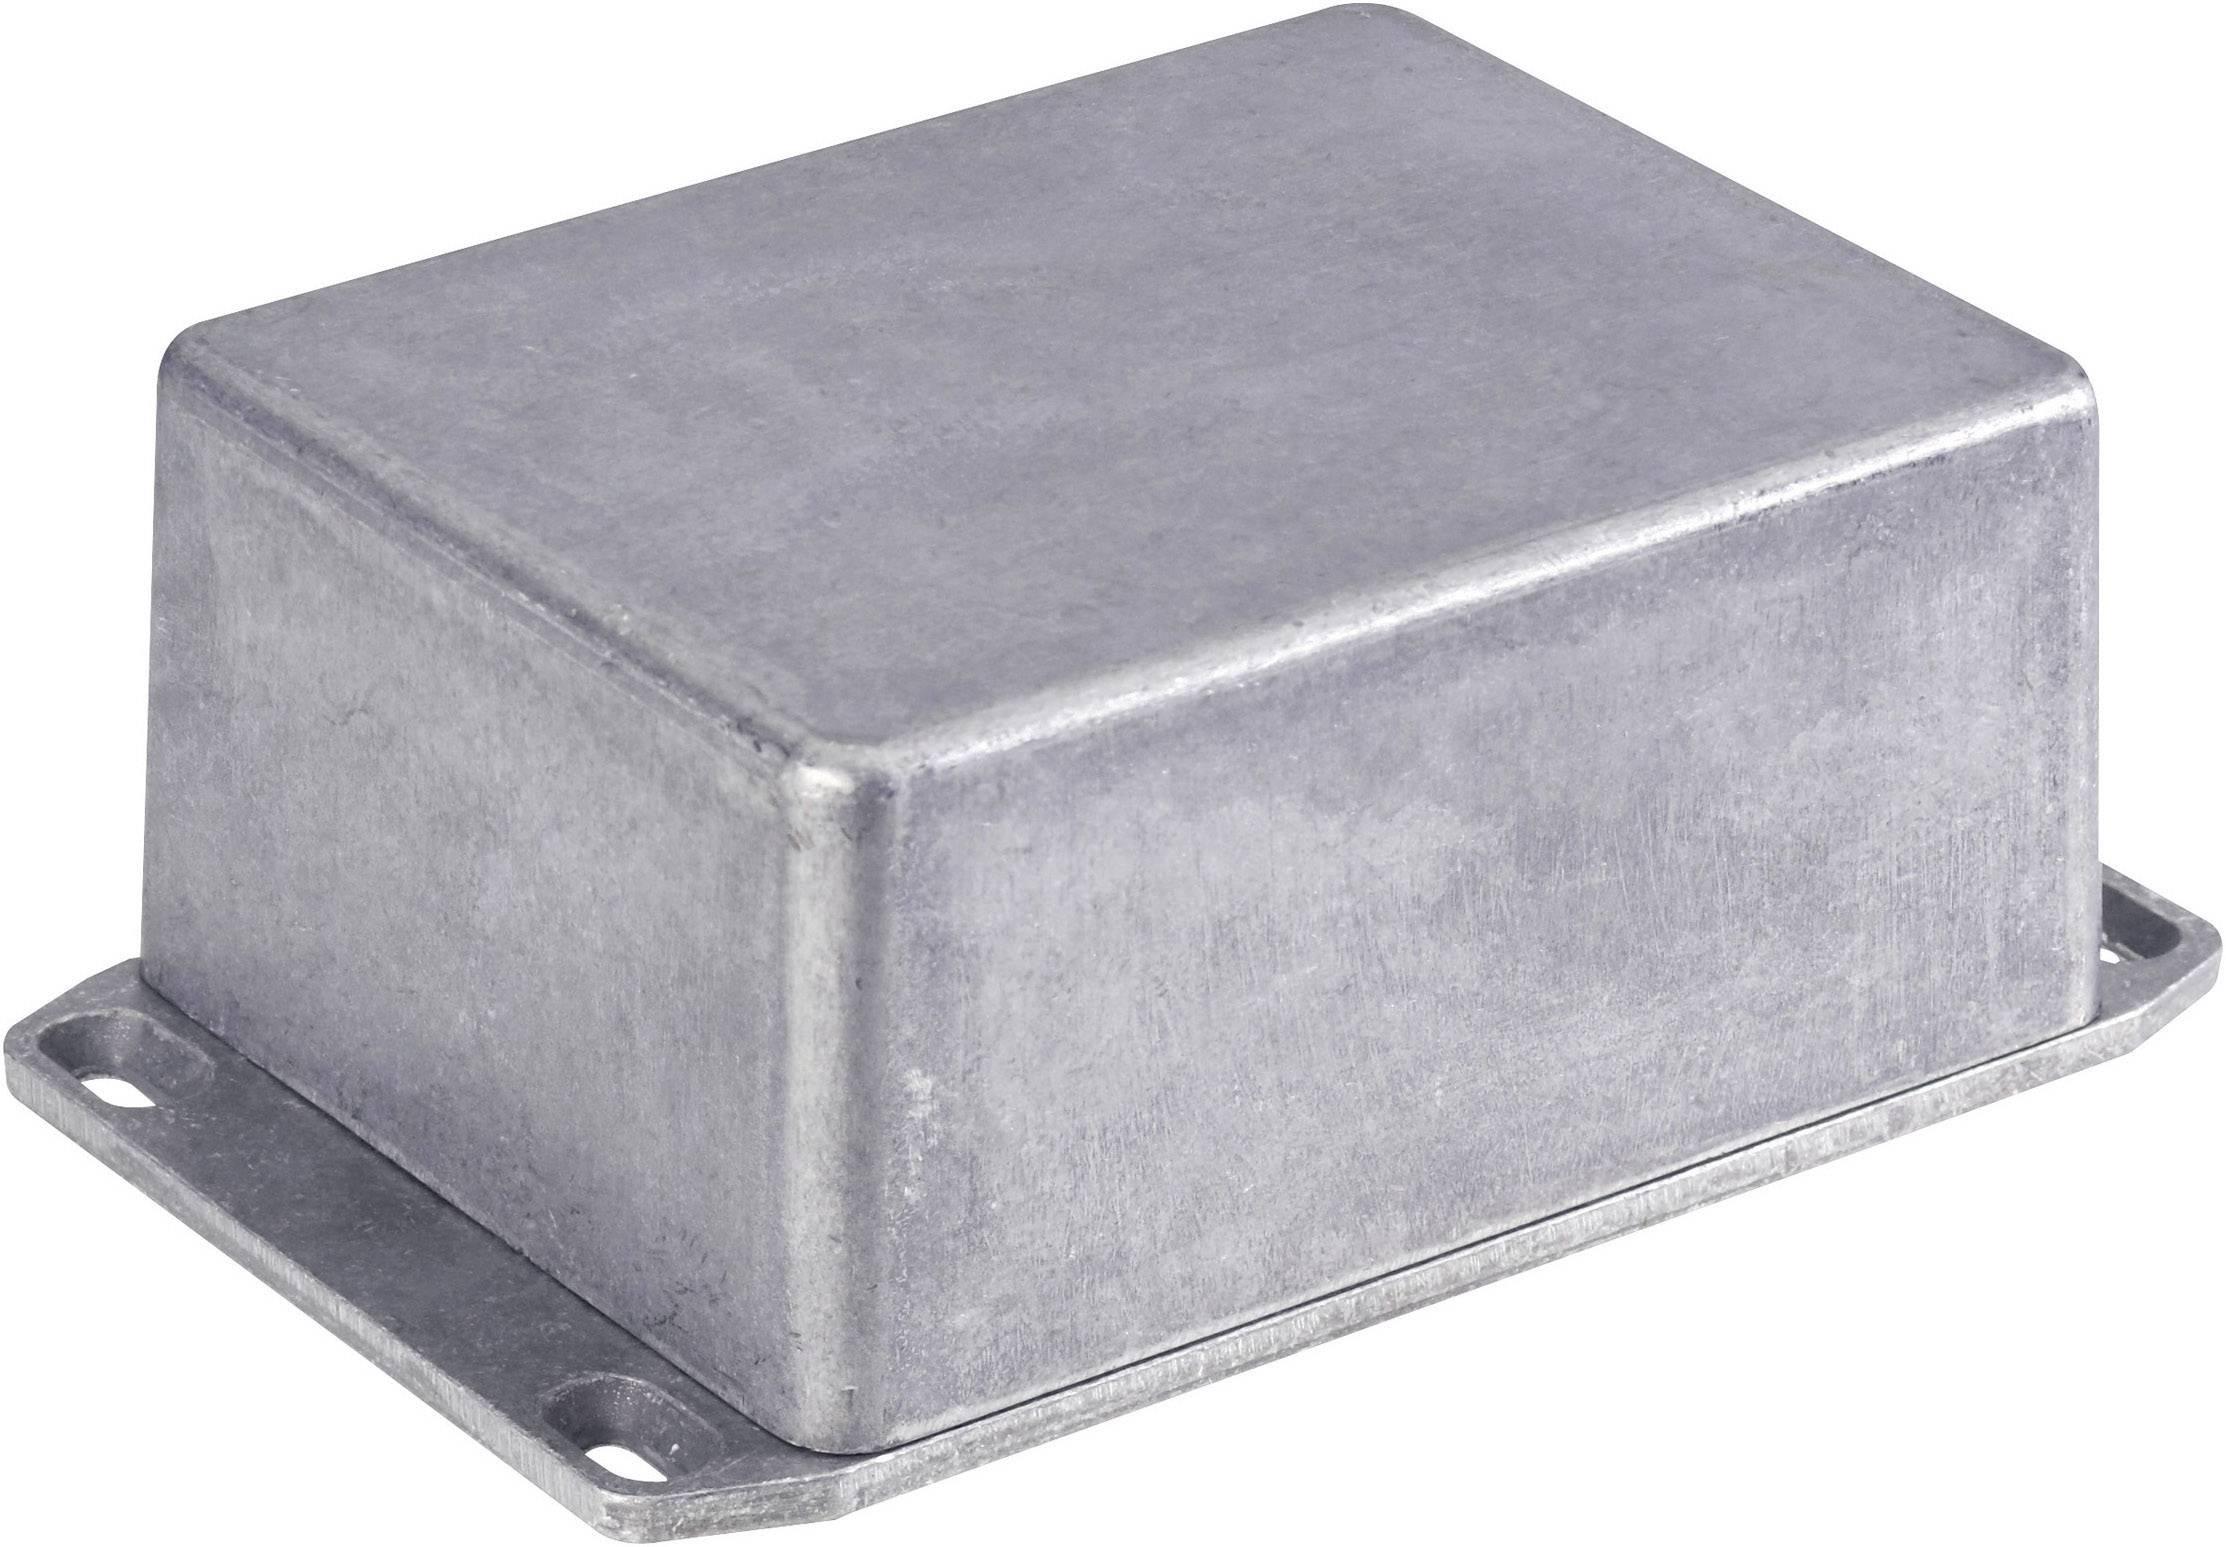 Tlakem lité hliníkové pouzdro Hammond Electronics 1590BFLBK, (d x š x v) 112 x 60 x 31 mm, černá